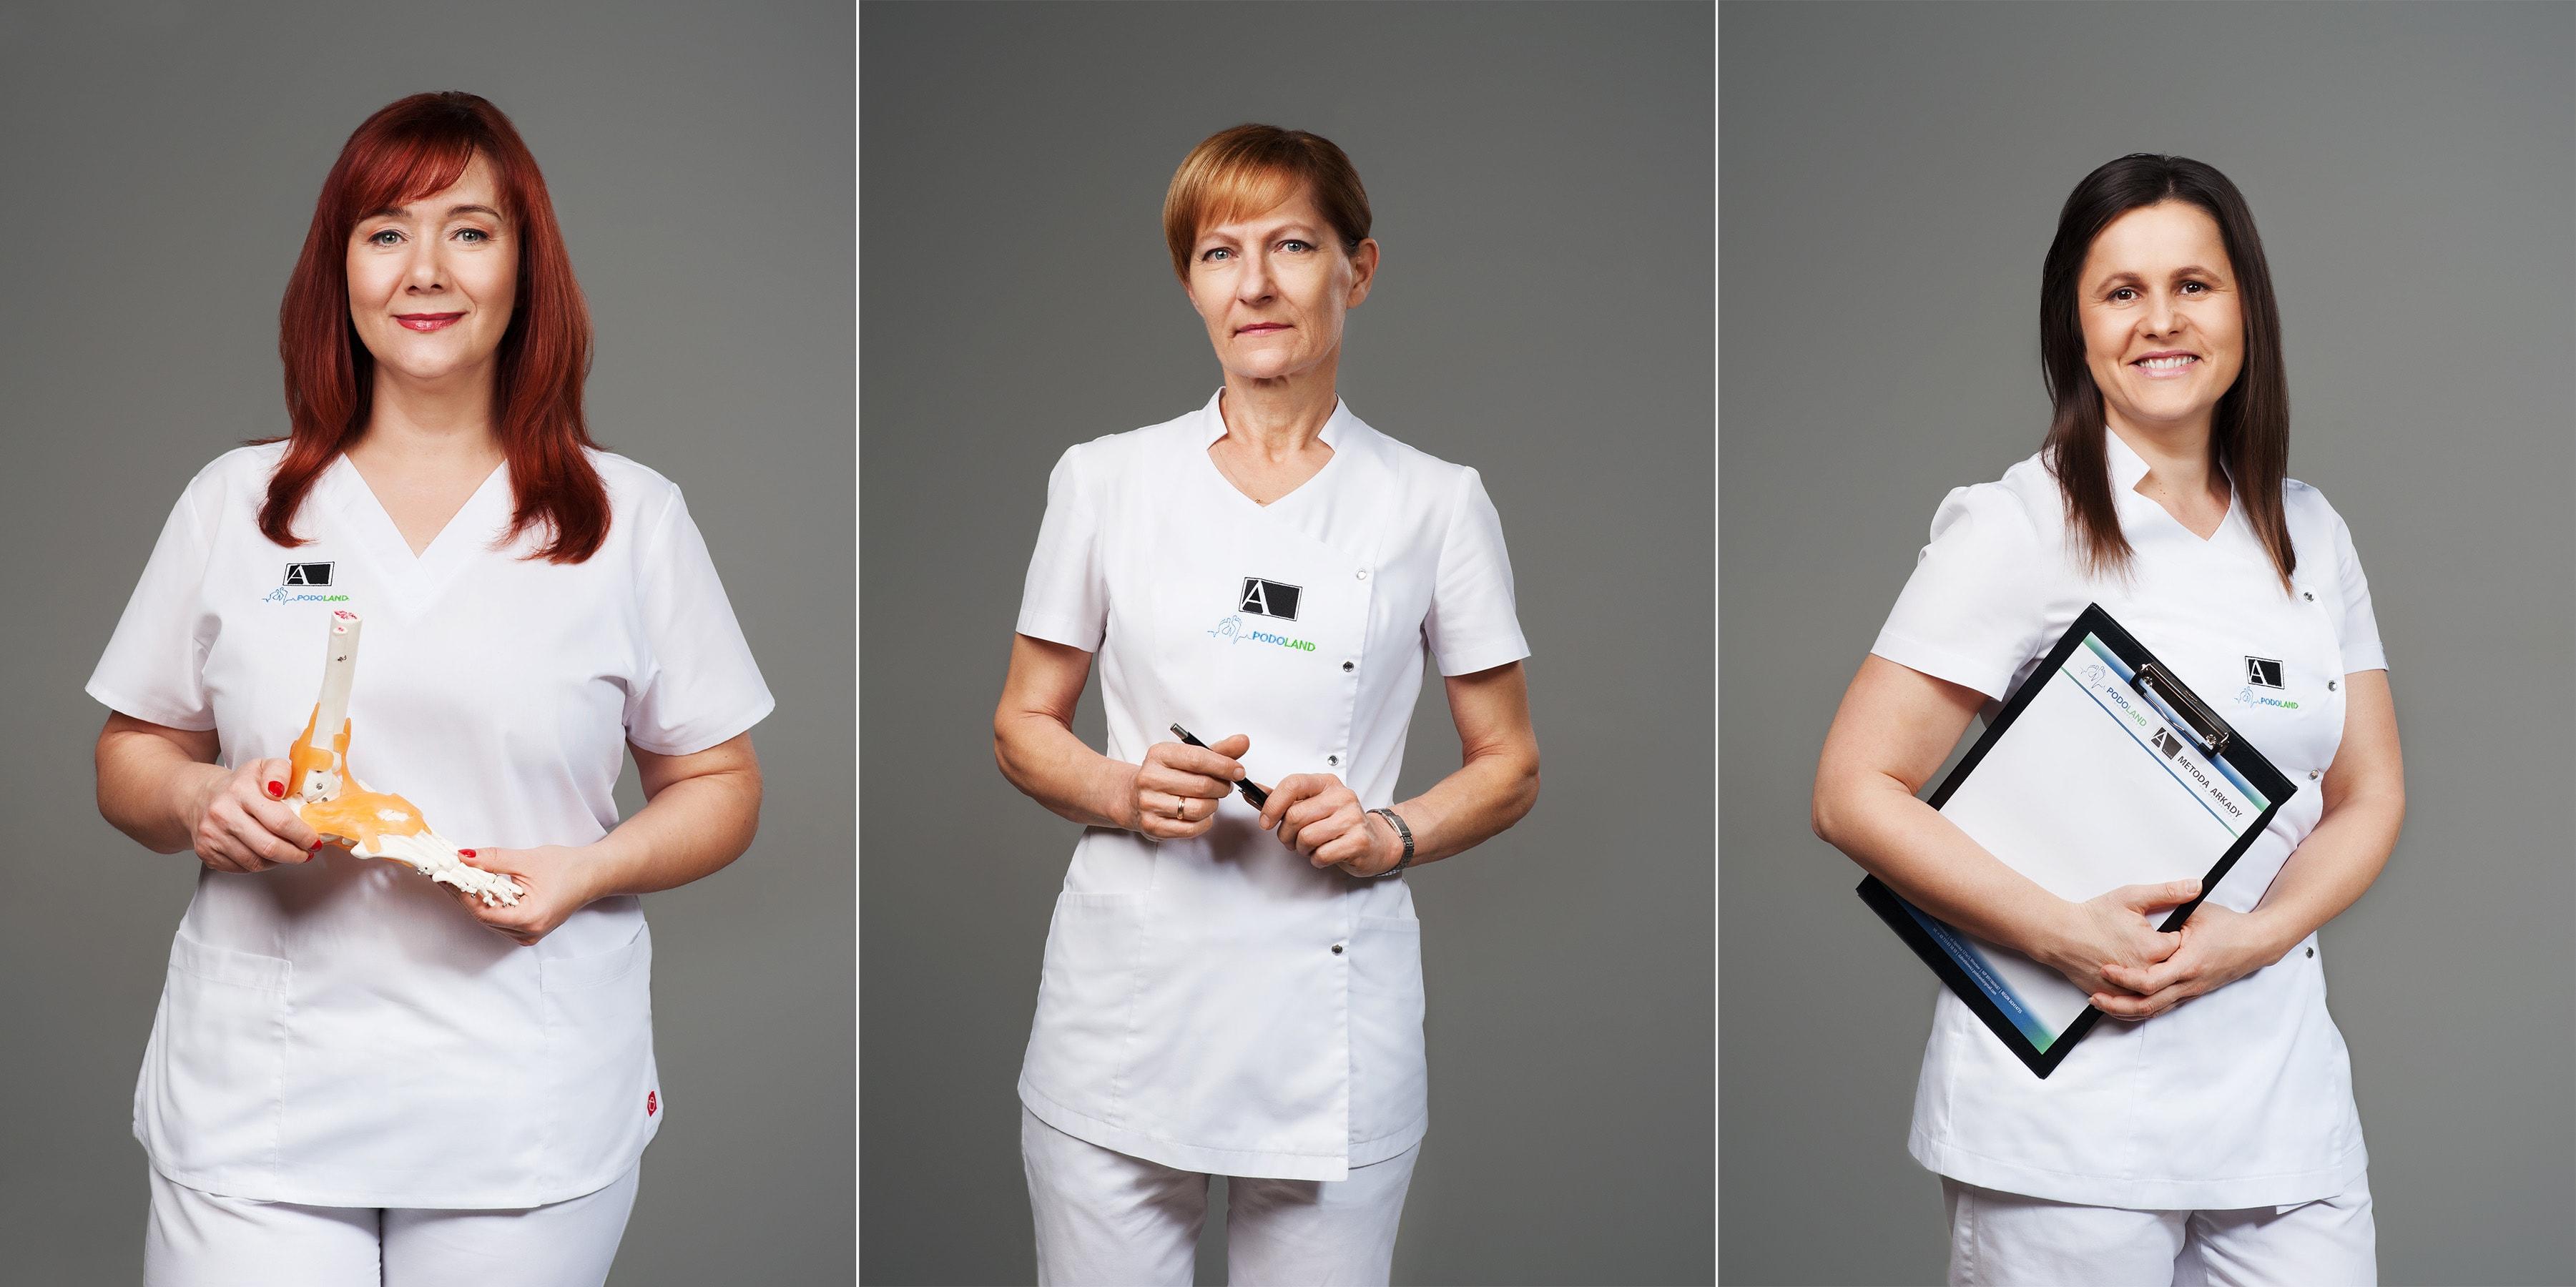 sesje zdjeciowe dla lekarzy Wrocław